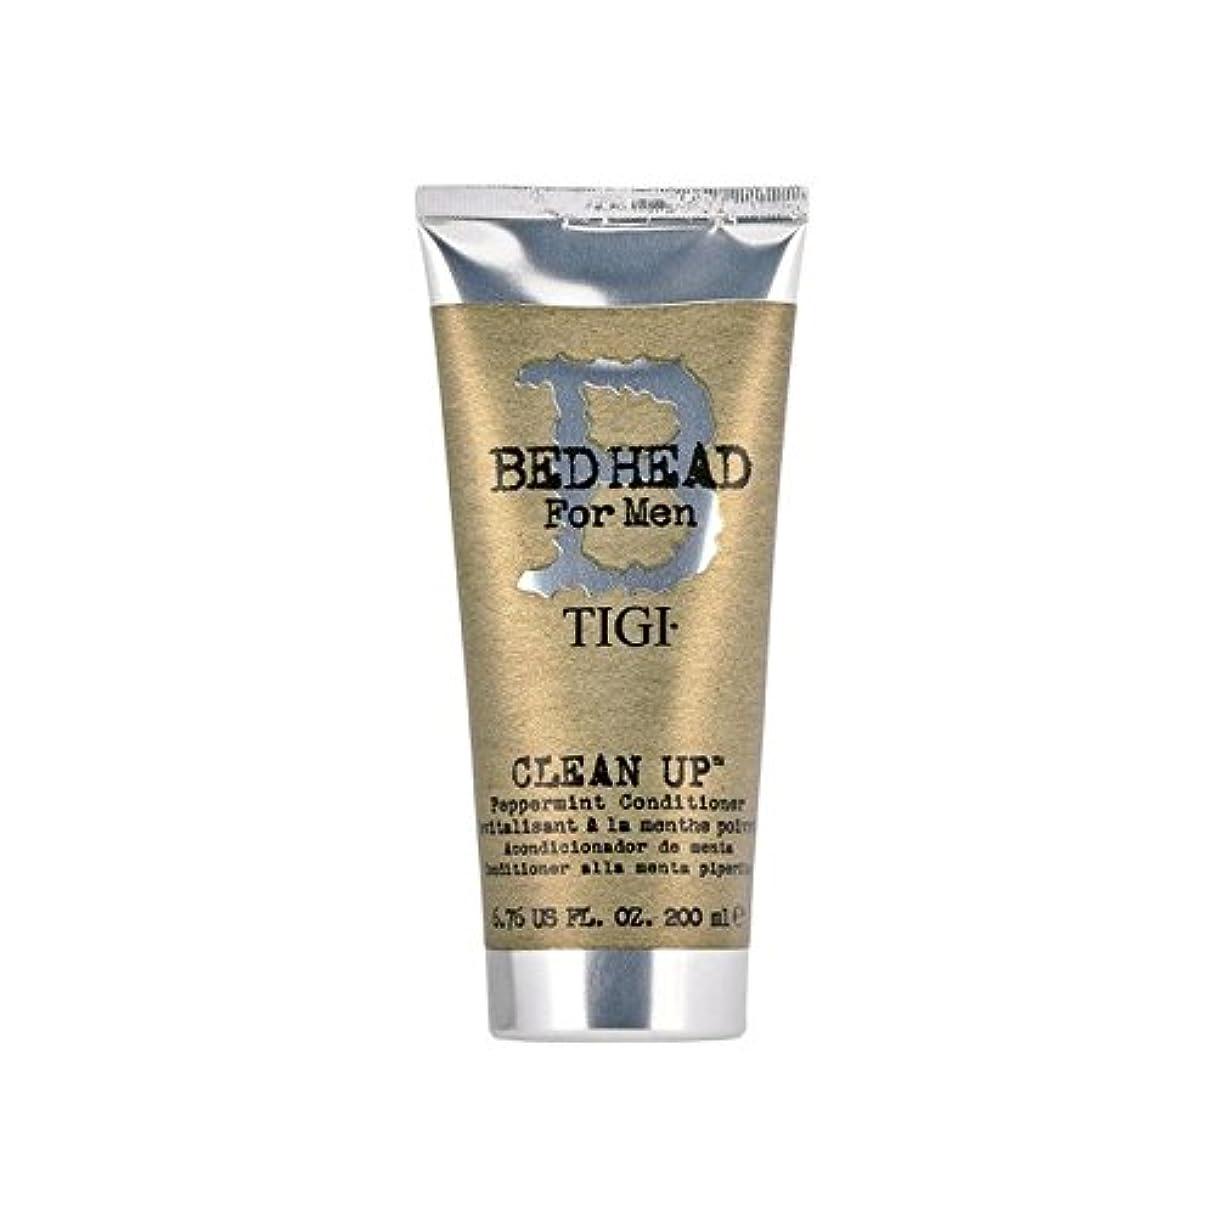 推論攻撃小学生Tigi Bed Head For Men Clean Up Peppermint Conditioner (200ml) (Pack of 6) - ペパーミントコンディショナーをクリーンアップする男性のためのティジーベッドヘッド...